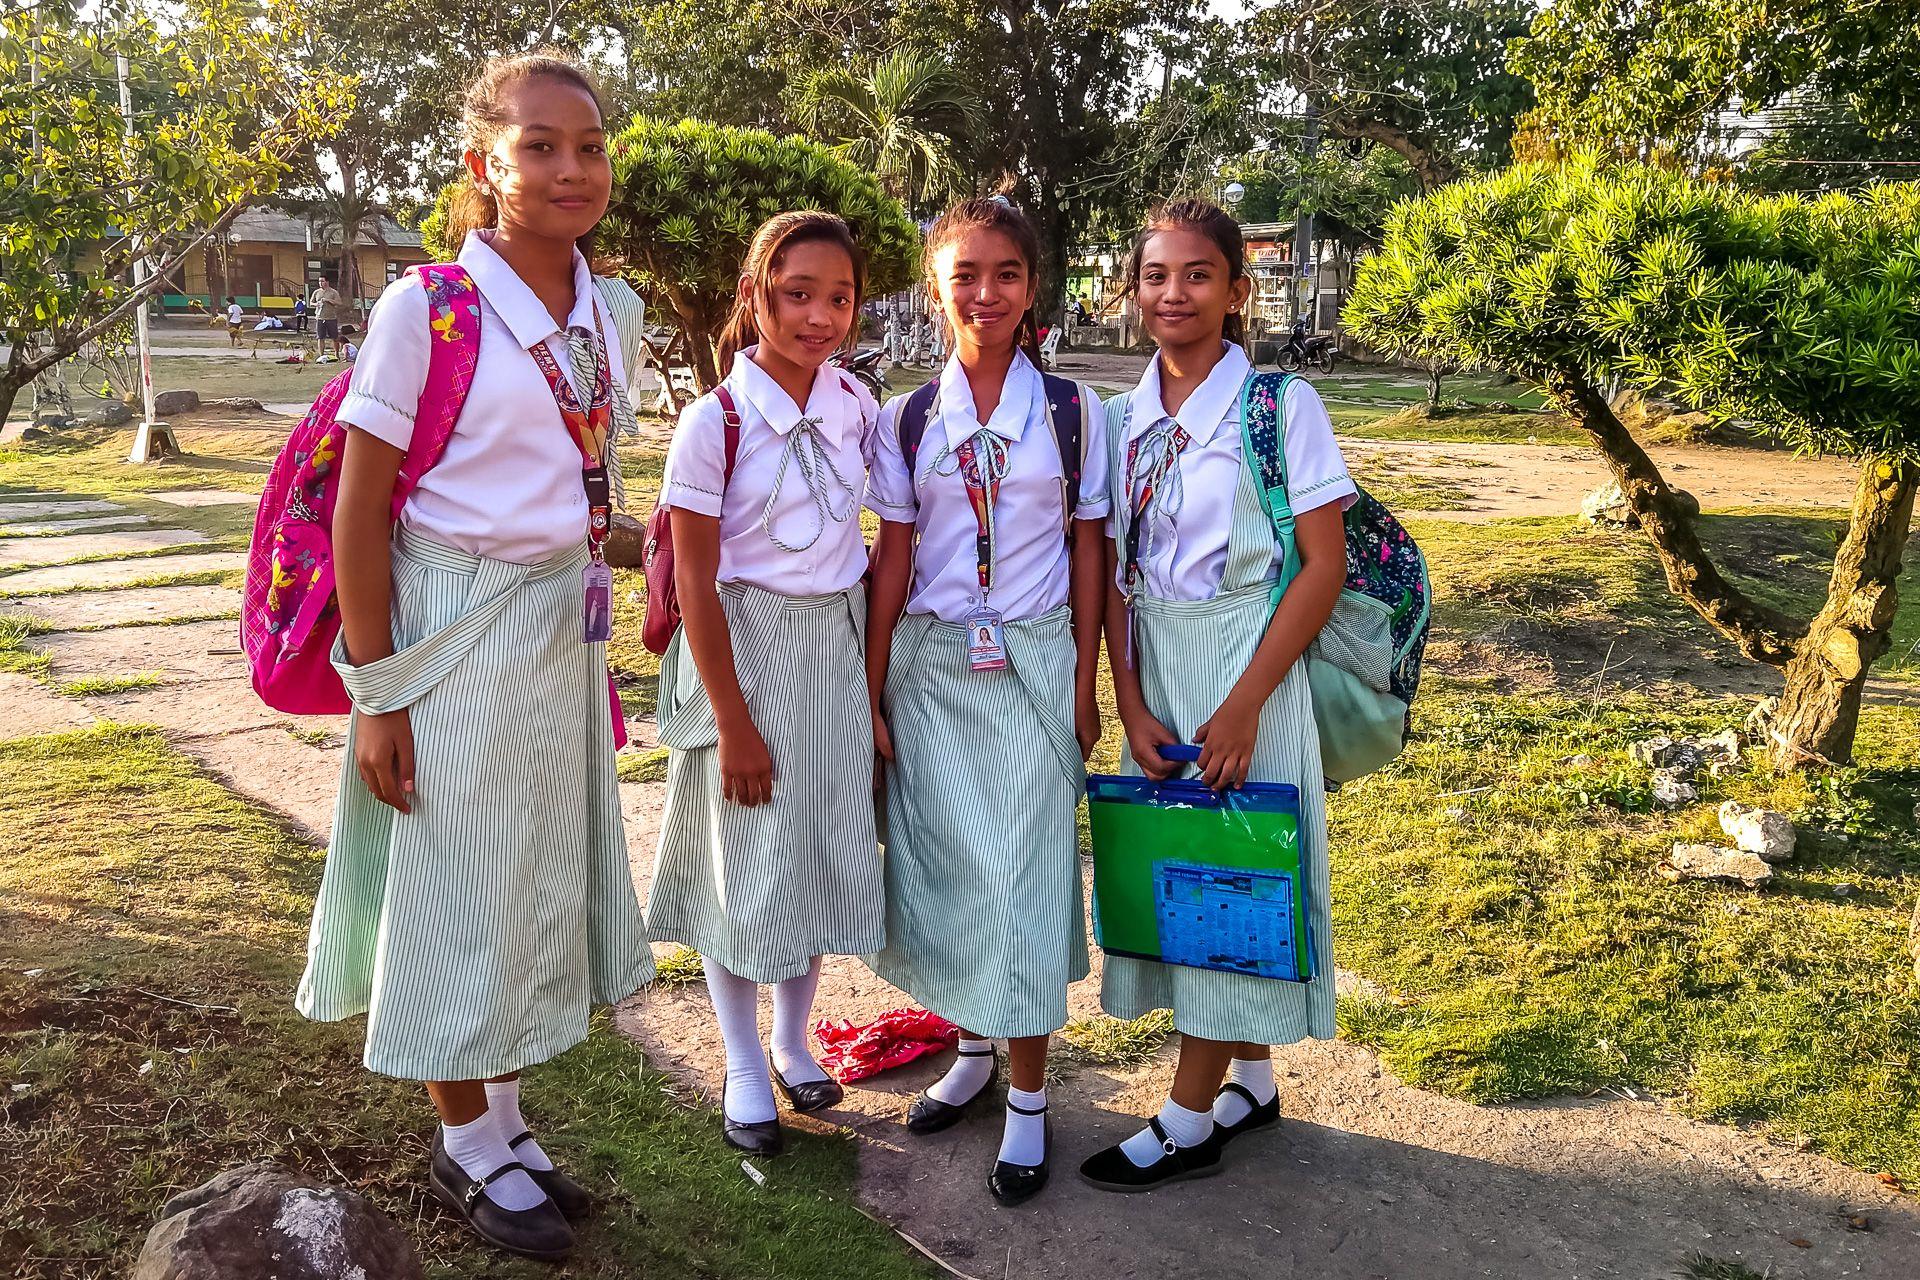 panglao, bohol, school philippines, Филиппины школа, филиппины школьники, филиппины школьная форма, Панглао, дети Филиппины, Бохол